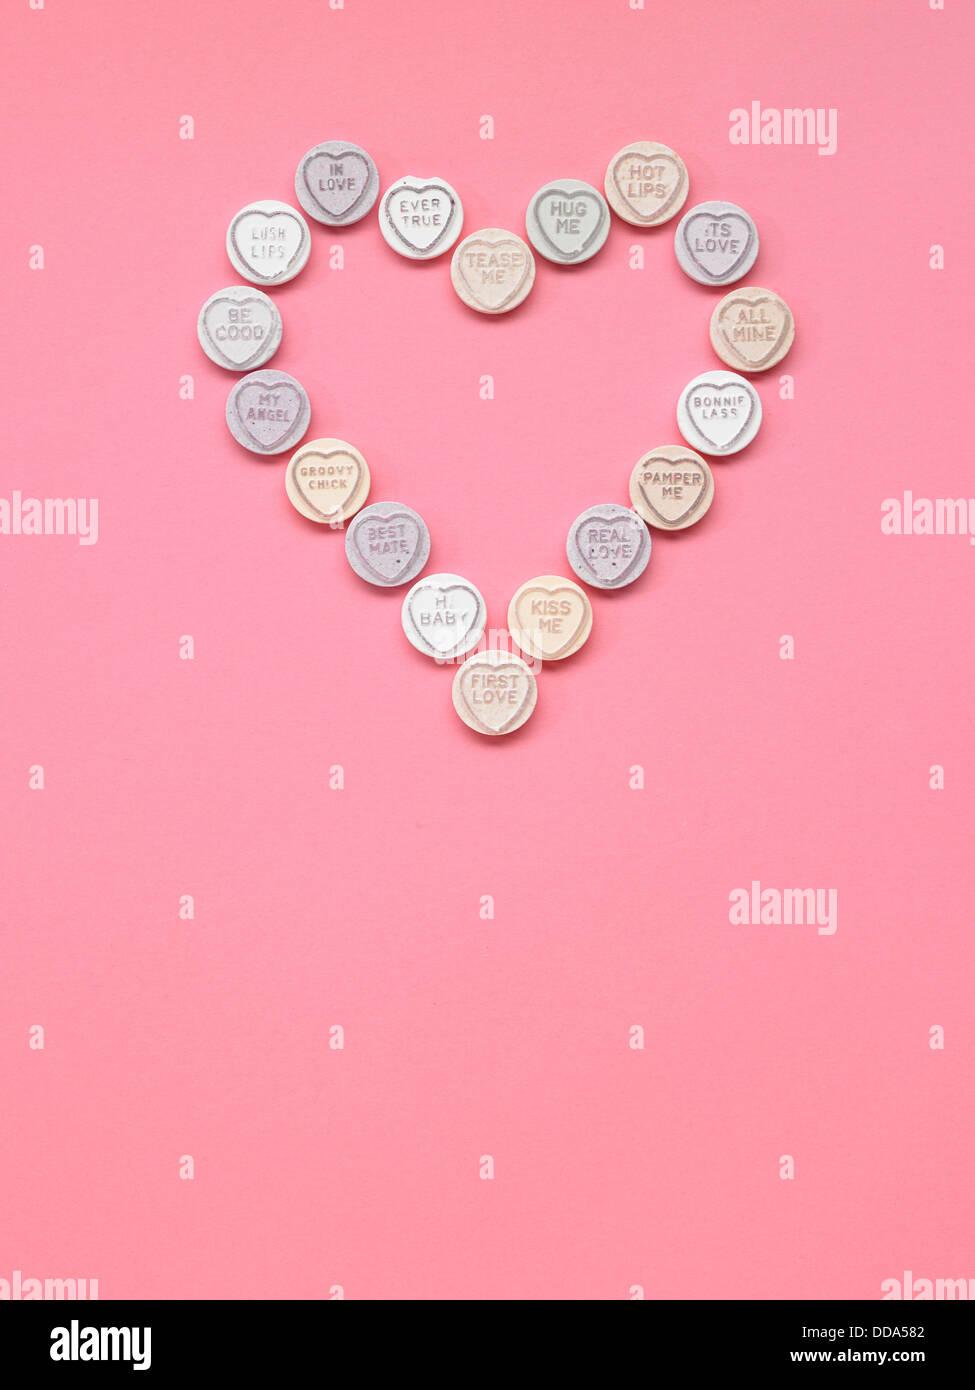 Amour coeur placé en forme de cœur sur un fond rose Photo Stock